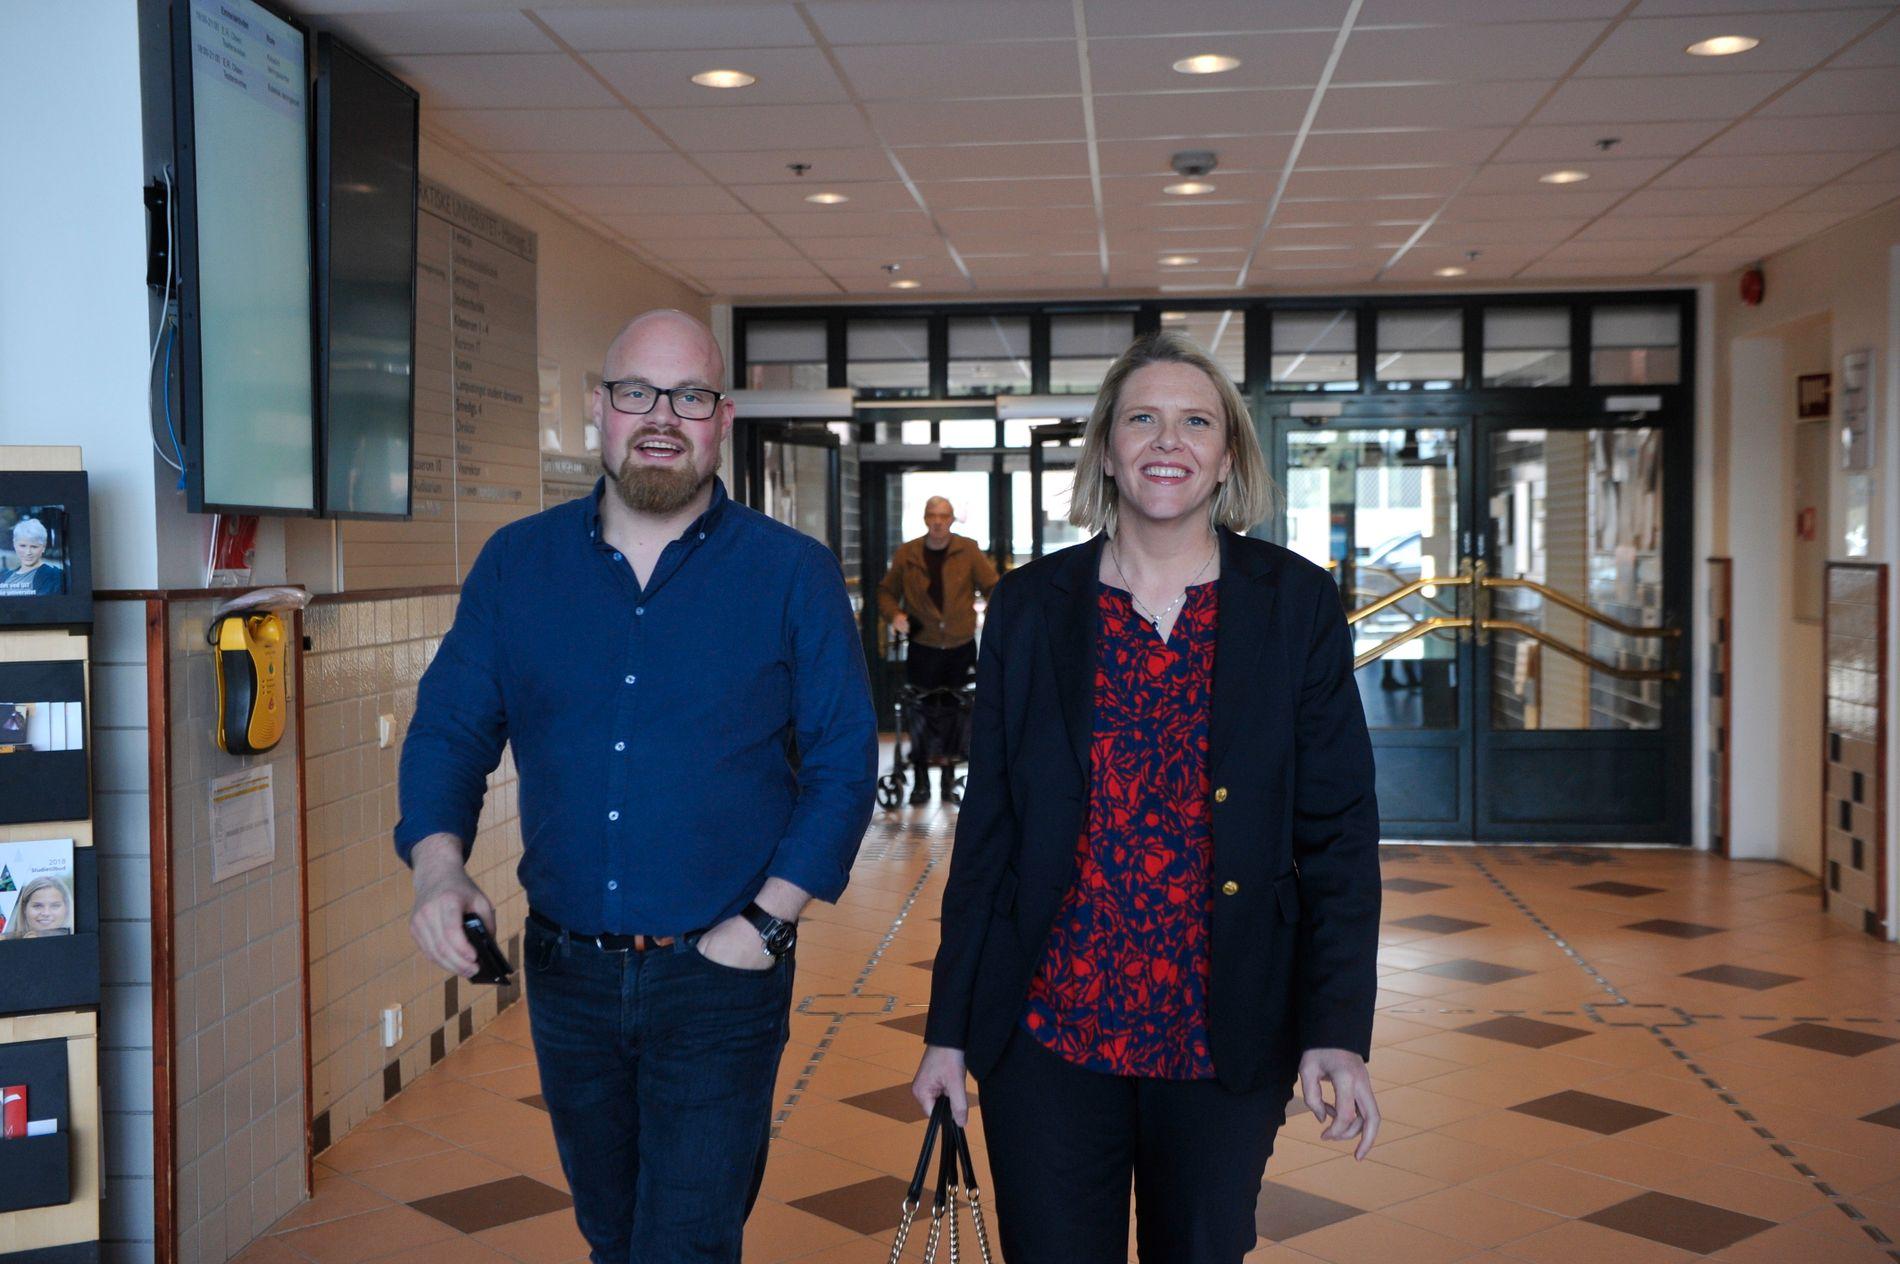 FRITTALENDE: Eivind Steine (til venstre) og Sylvi Listhaug inviterte til et åpent møte på UiT Campus Harstad. Listhaug snakket om både helse- og omsorgspolitikk og innvandring.